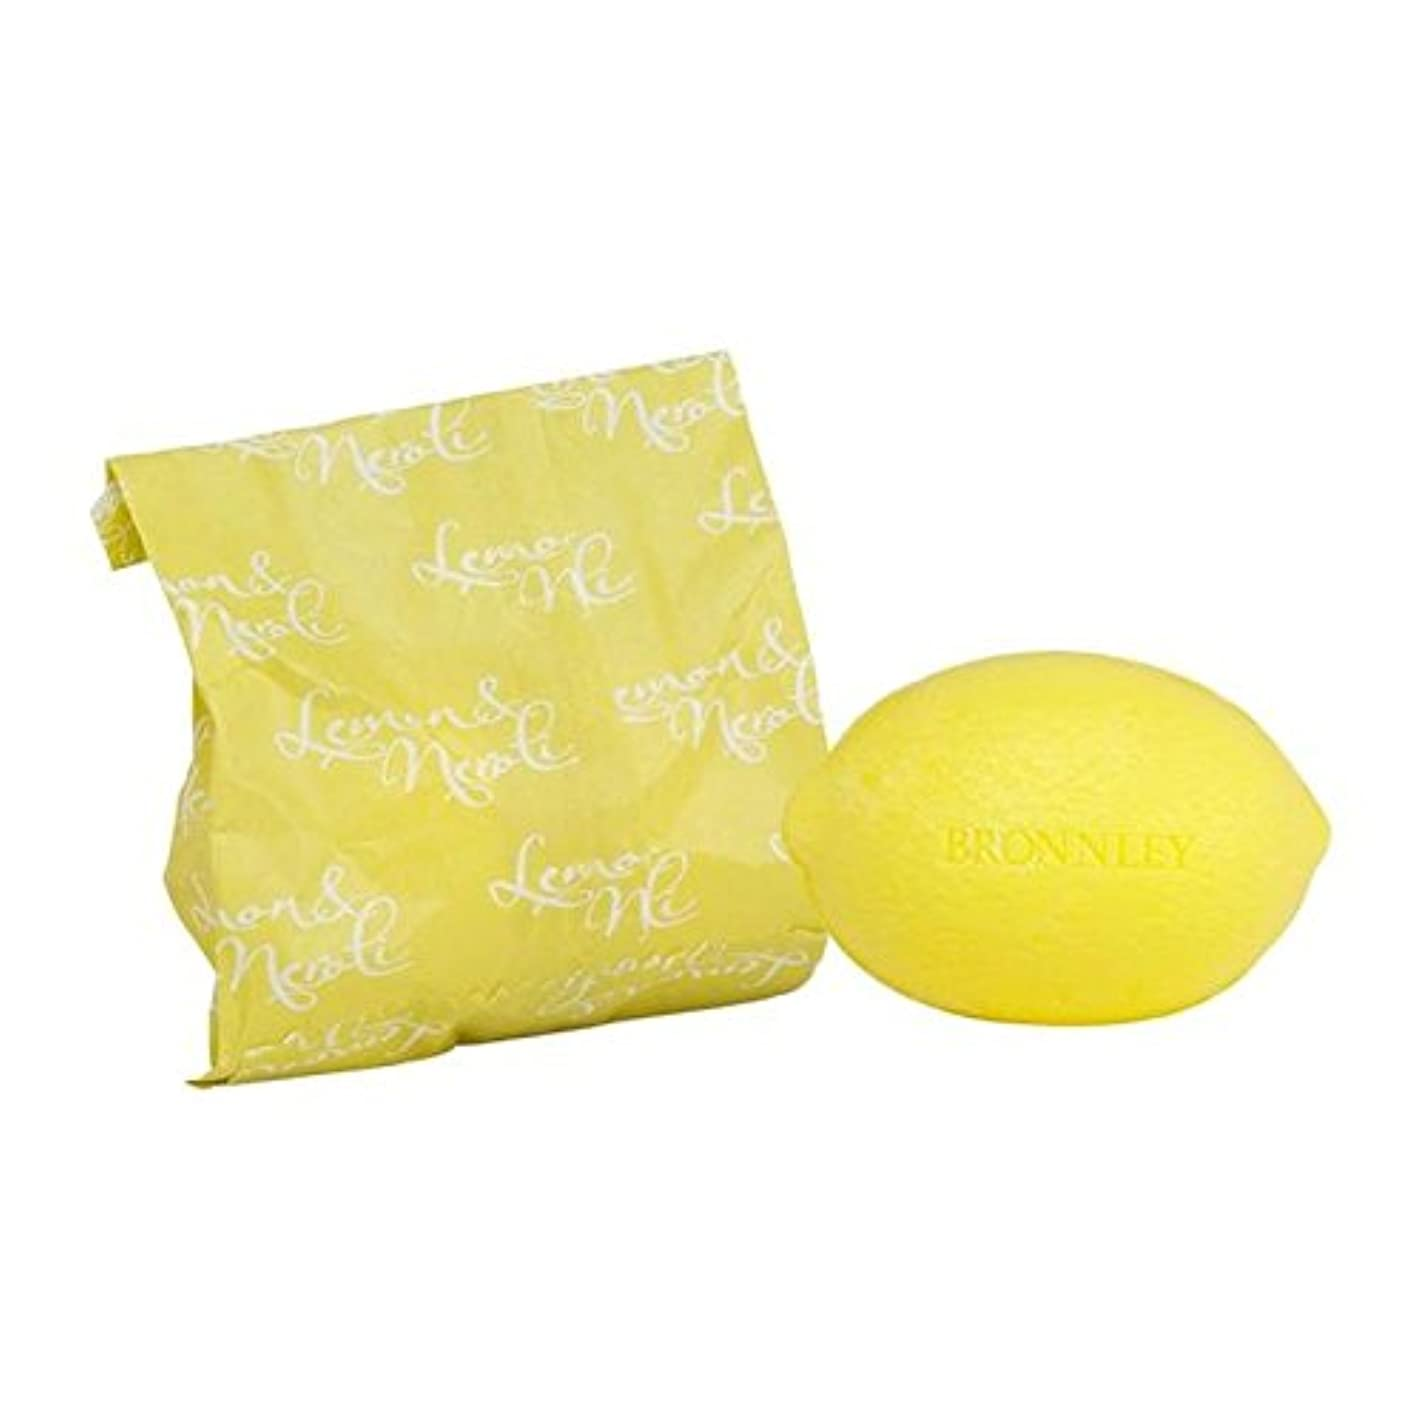 こだわりランダム渇きBronnley Lemon & Neroli Soap 100g (Pack of 6) - レモン&ネロリ石鹸100グラム x6 [並行輸入品]